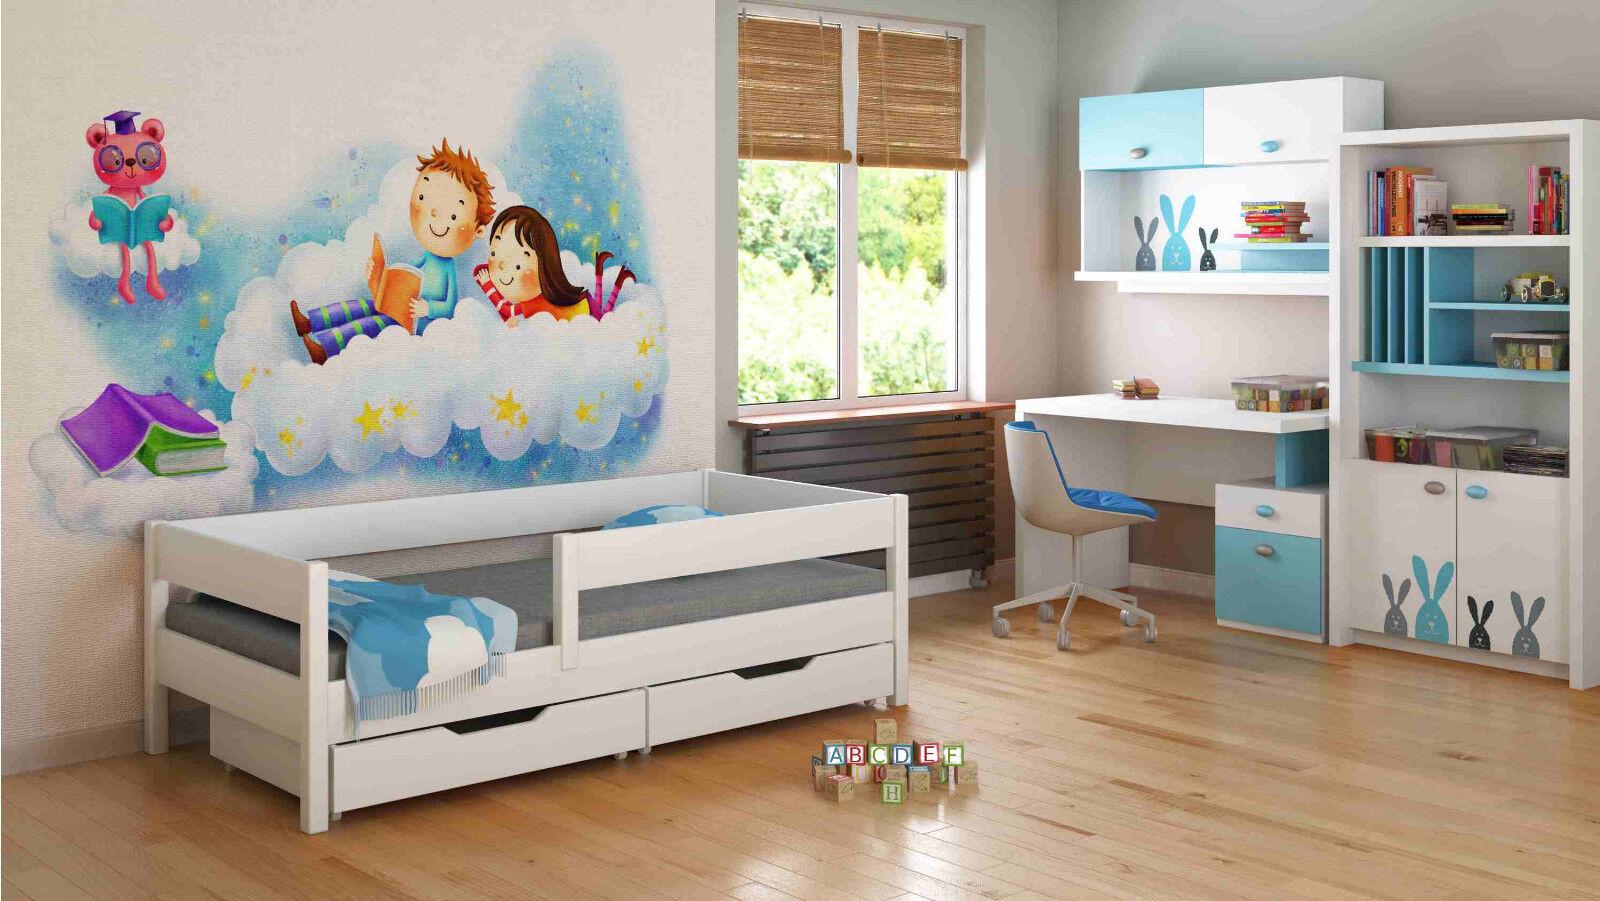 Lits simples pour enfants bébé junior 140x70 160x80 180x80 180x90 200x90